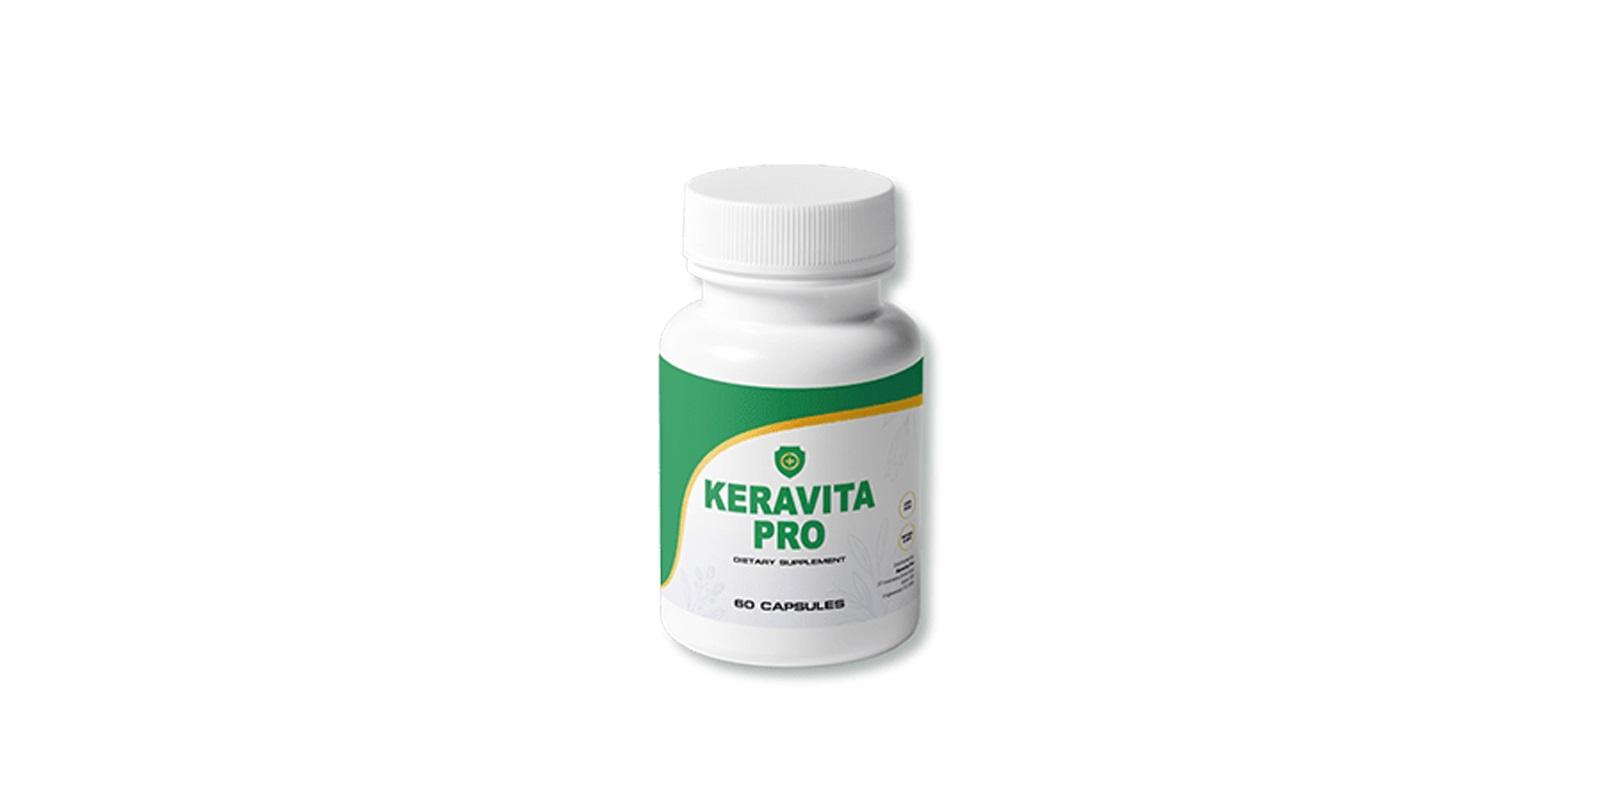 treating nail fungus with keravita pro